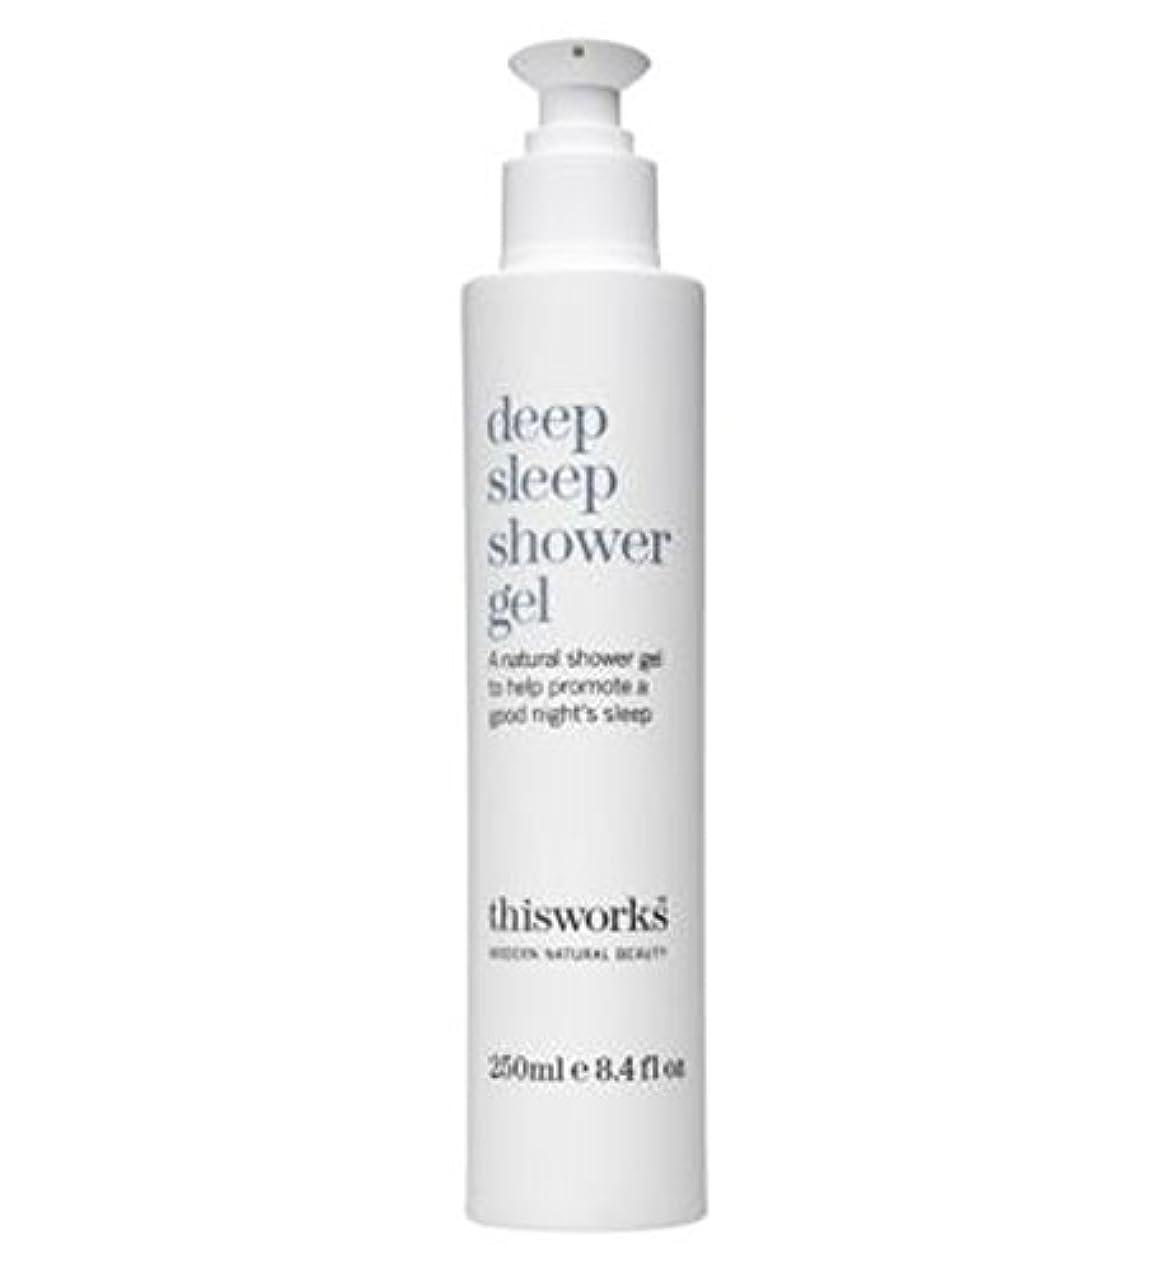 残酷単独でディレクトリこれは、深い眠りシャワージェル250ミリリットルの作品 (This Works) (x2) - this works deep sleep shower gel 250ml (Pack of 2) [並行輸入品]